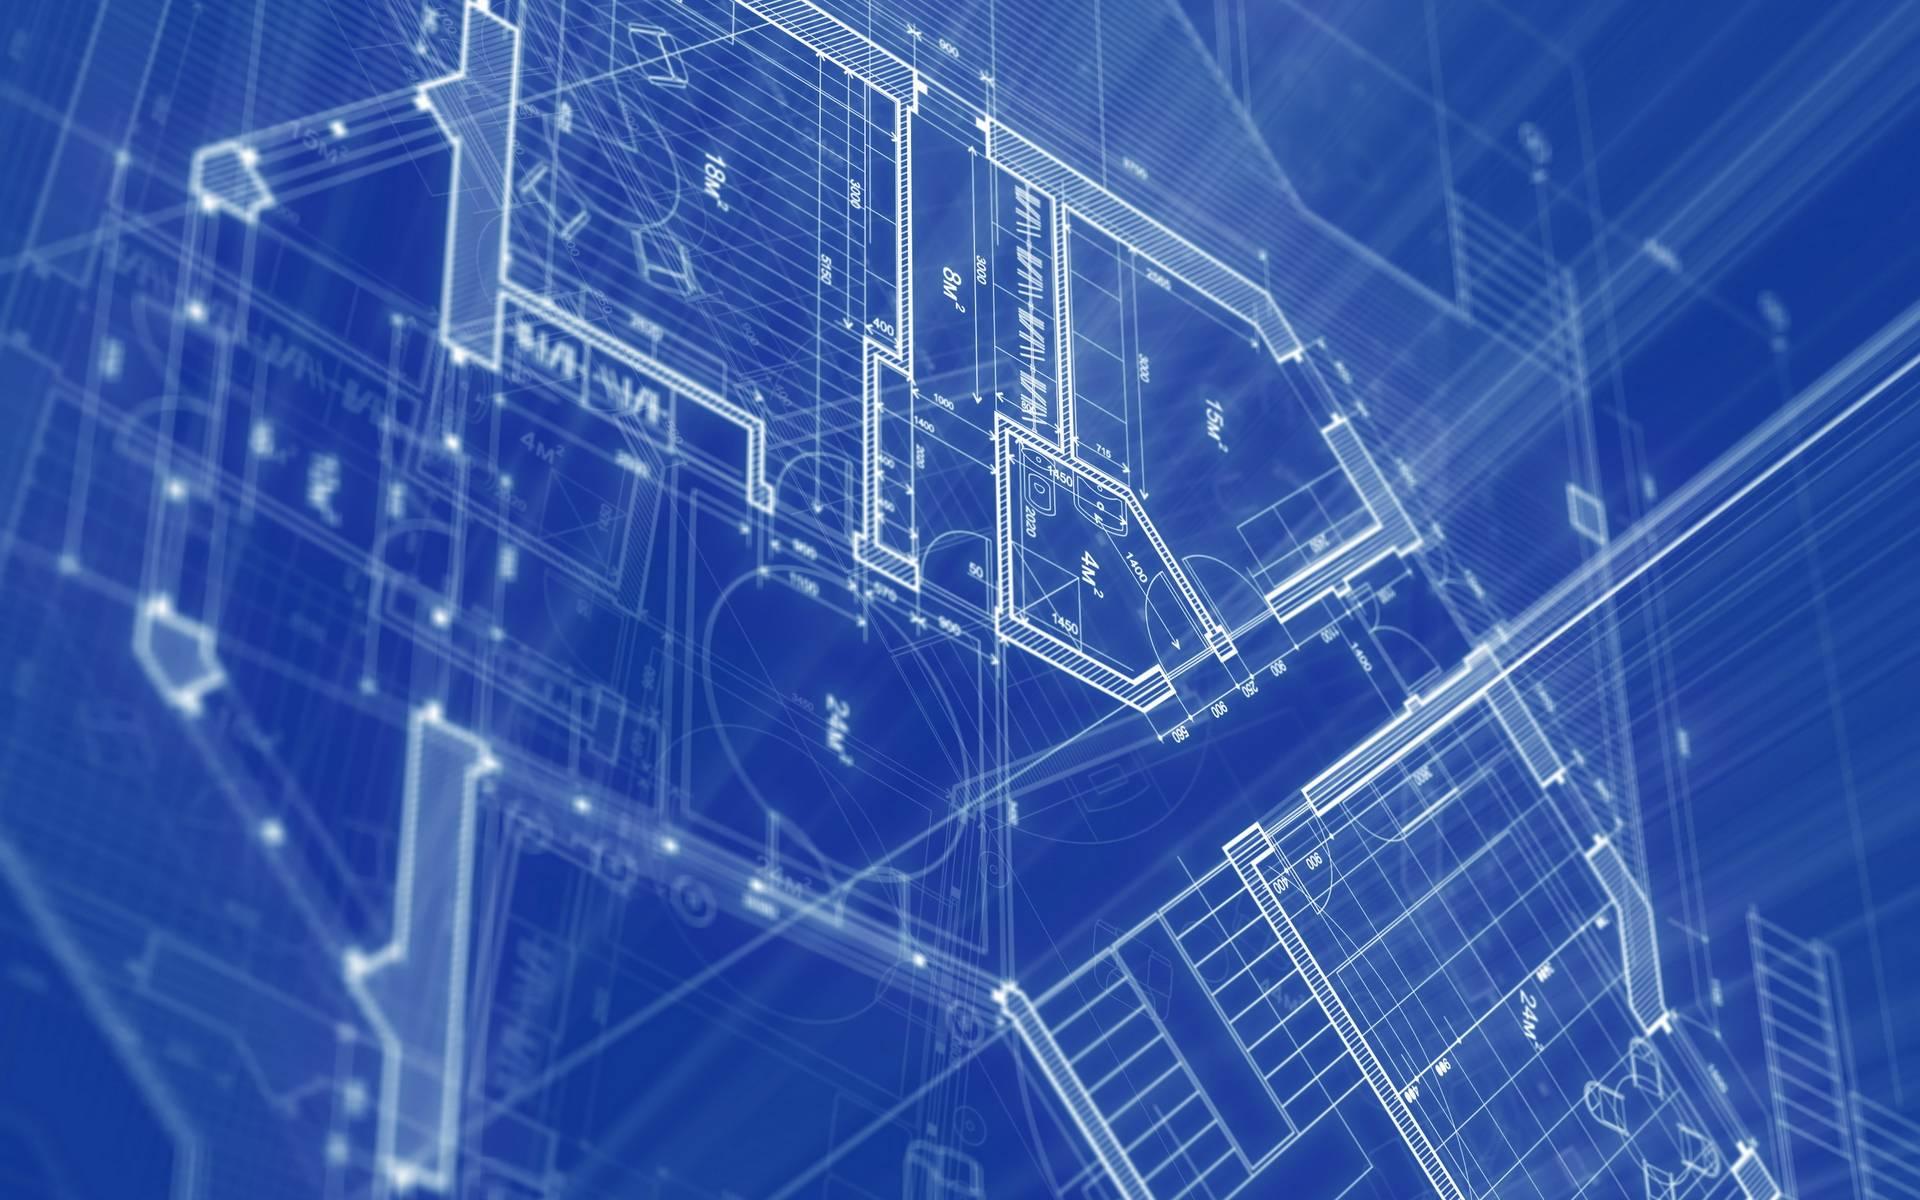 blueprint architecture hd widescreen desktop wallpaper high